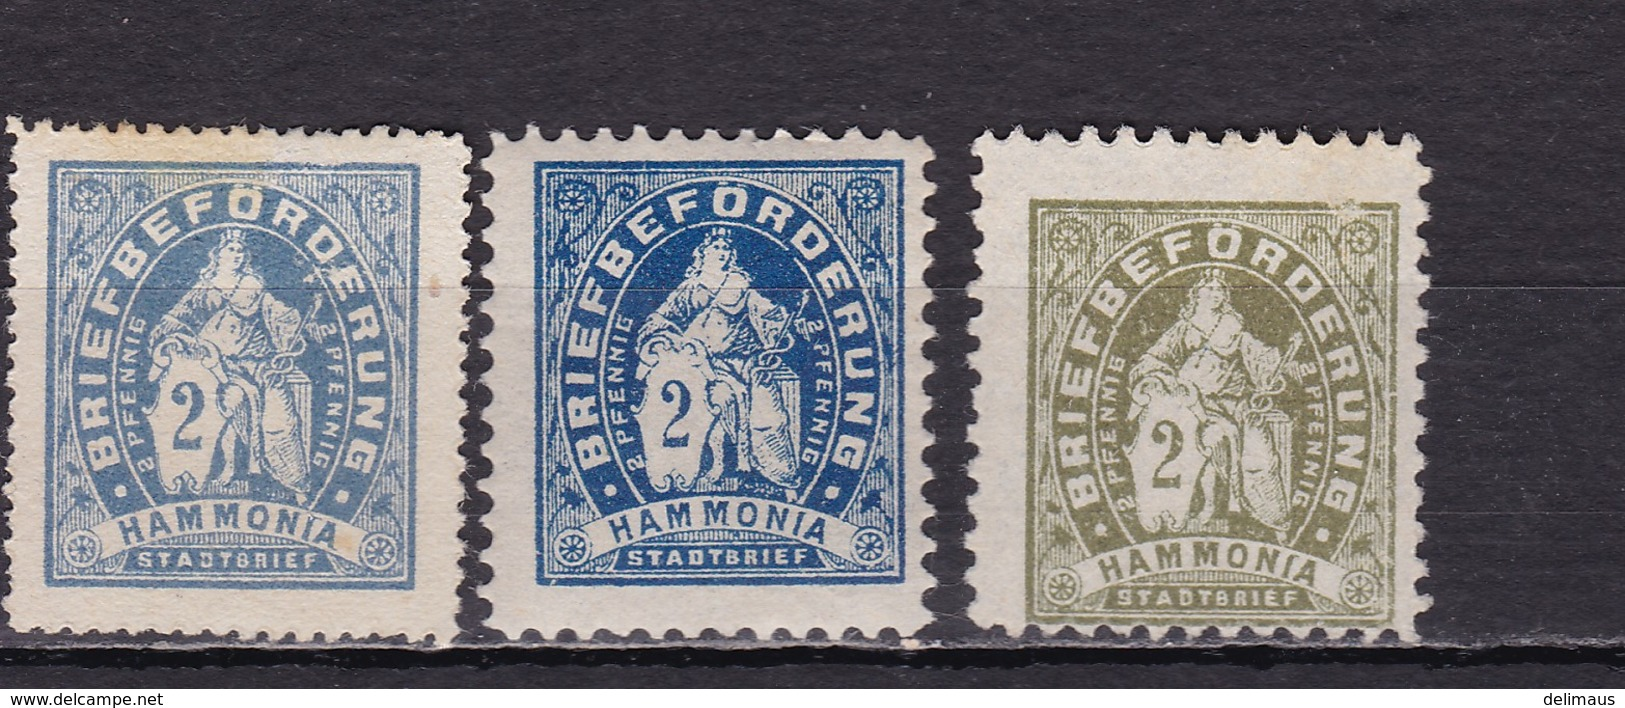 Deutsches Reich Privatpost Hamburg D HAMMONIA Mi.-Nr. 4 A/B Und Probedruck Oliv (unten Inschrift Stadtbrief) - Poste Privée